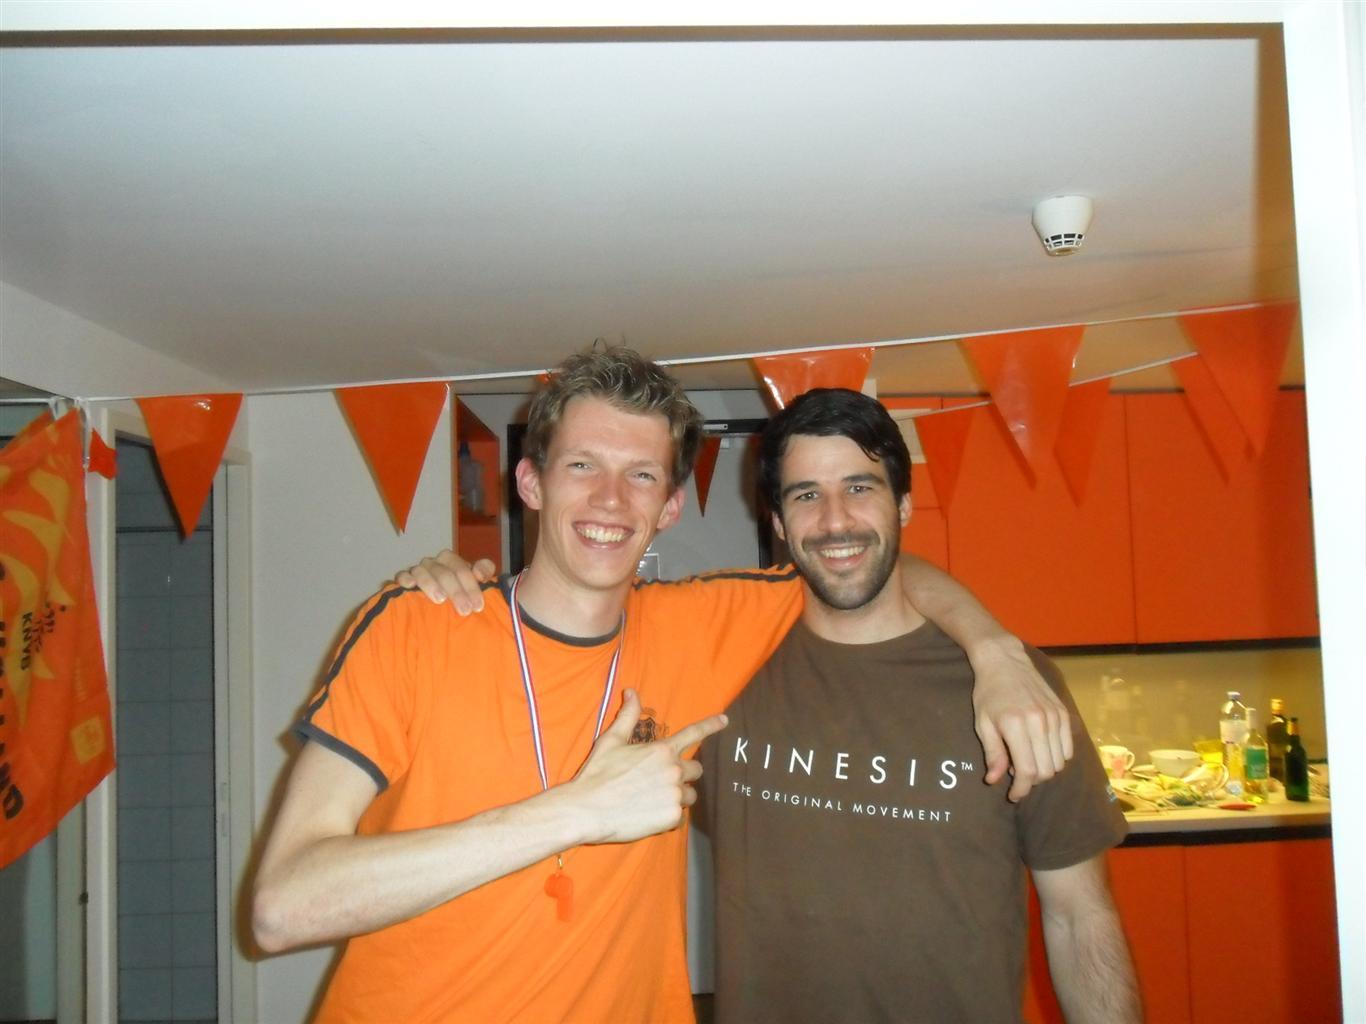 Ruud van Nistelrooij lookalike